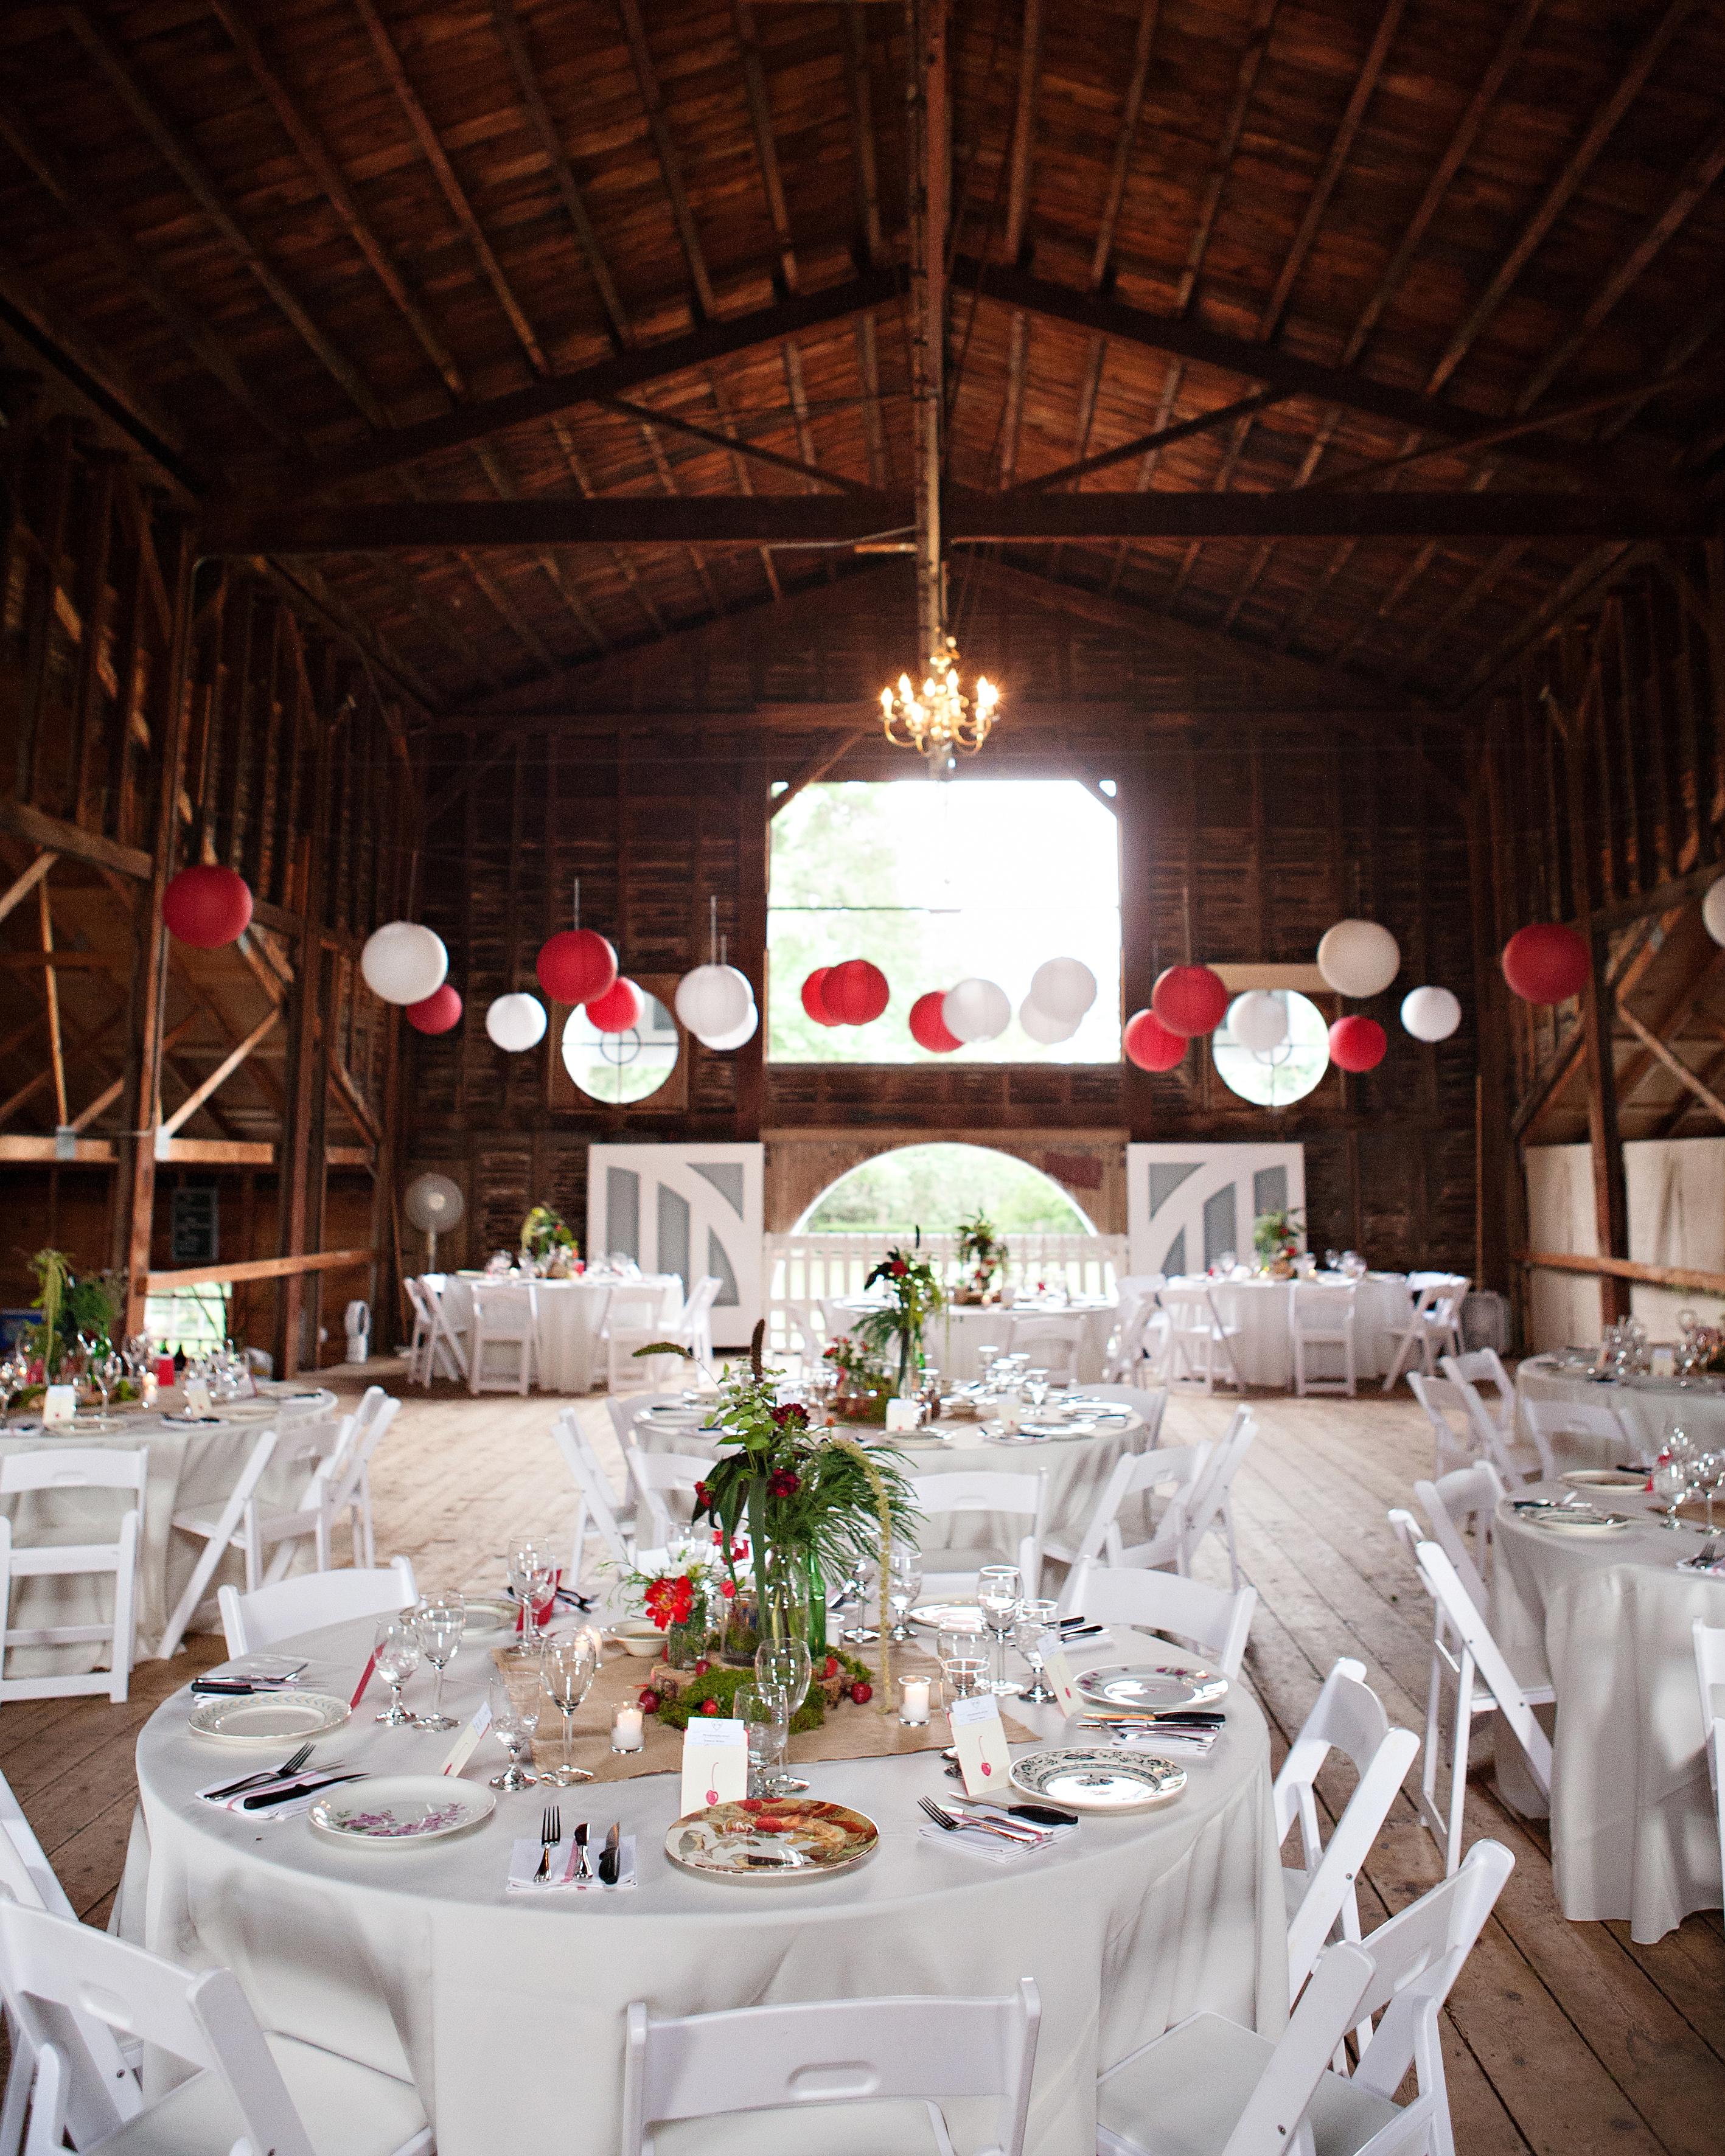 kristy-marc-wedding-reception-0414.jpg